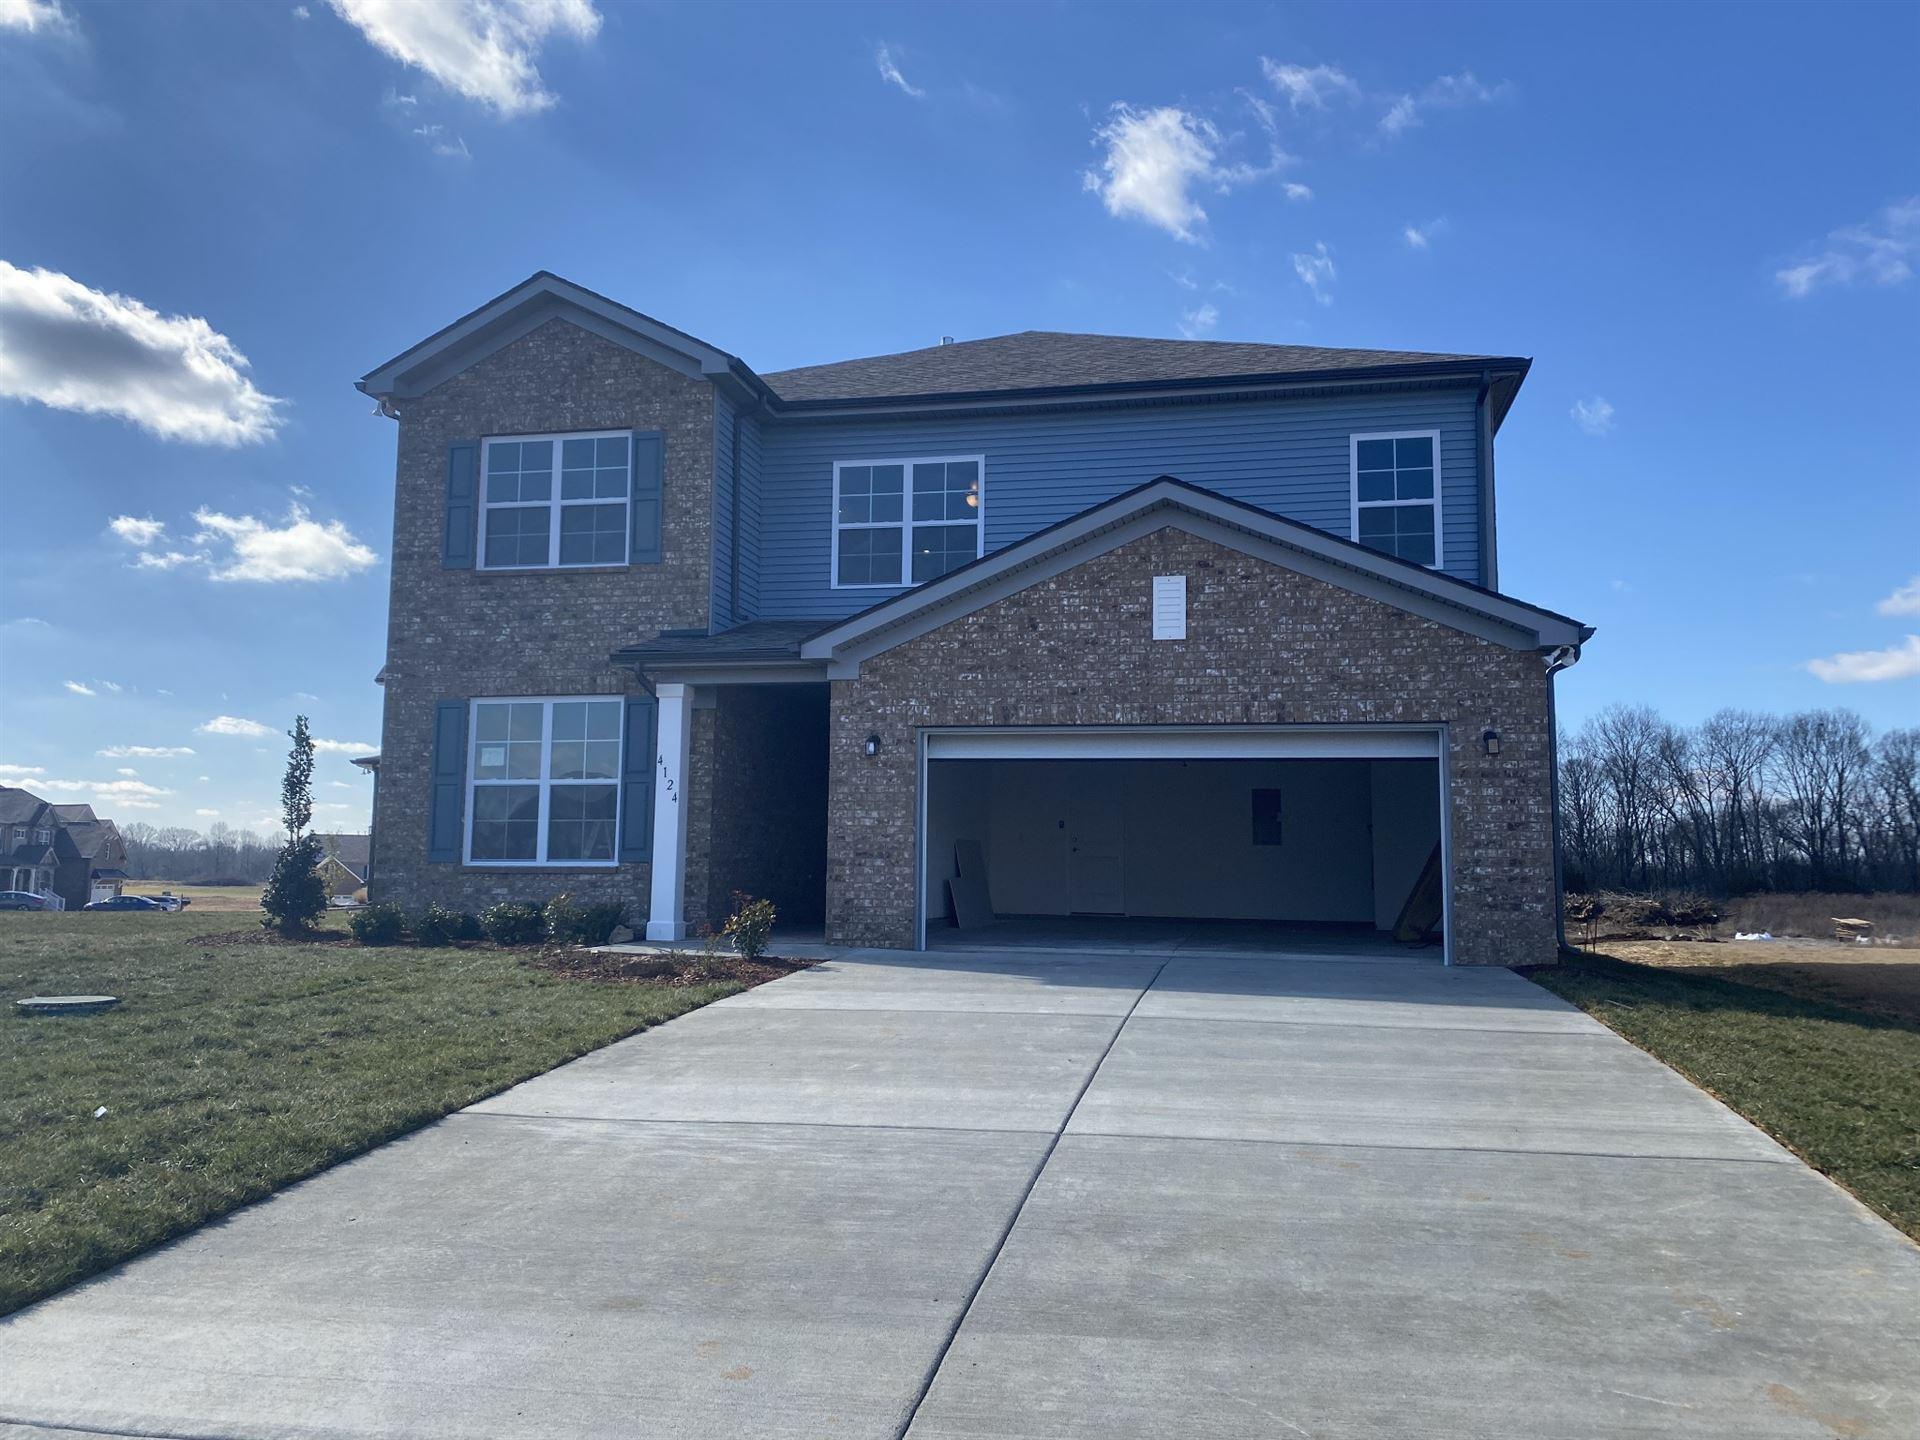 4124 Clint Way (Lot 67), Murfreesboro, TN 37128 - MLS#: 2180143